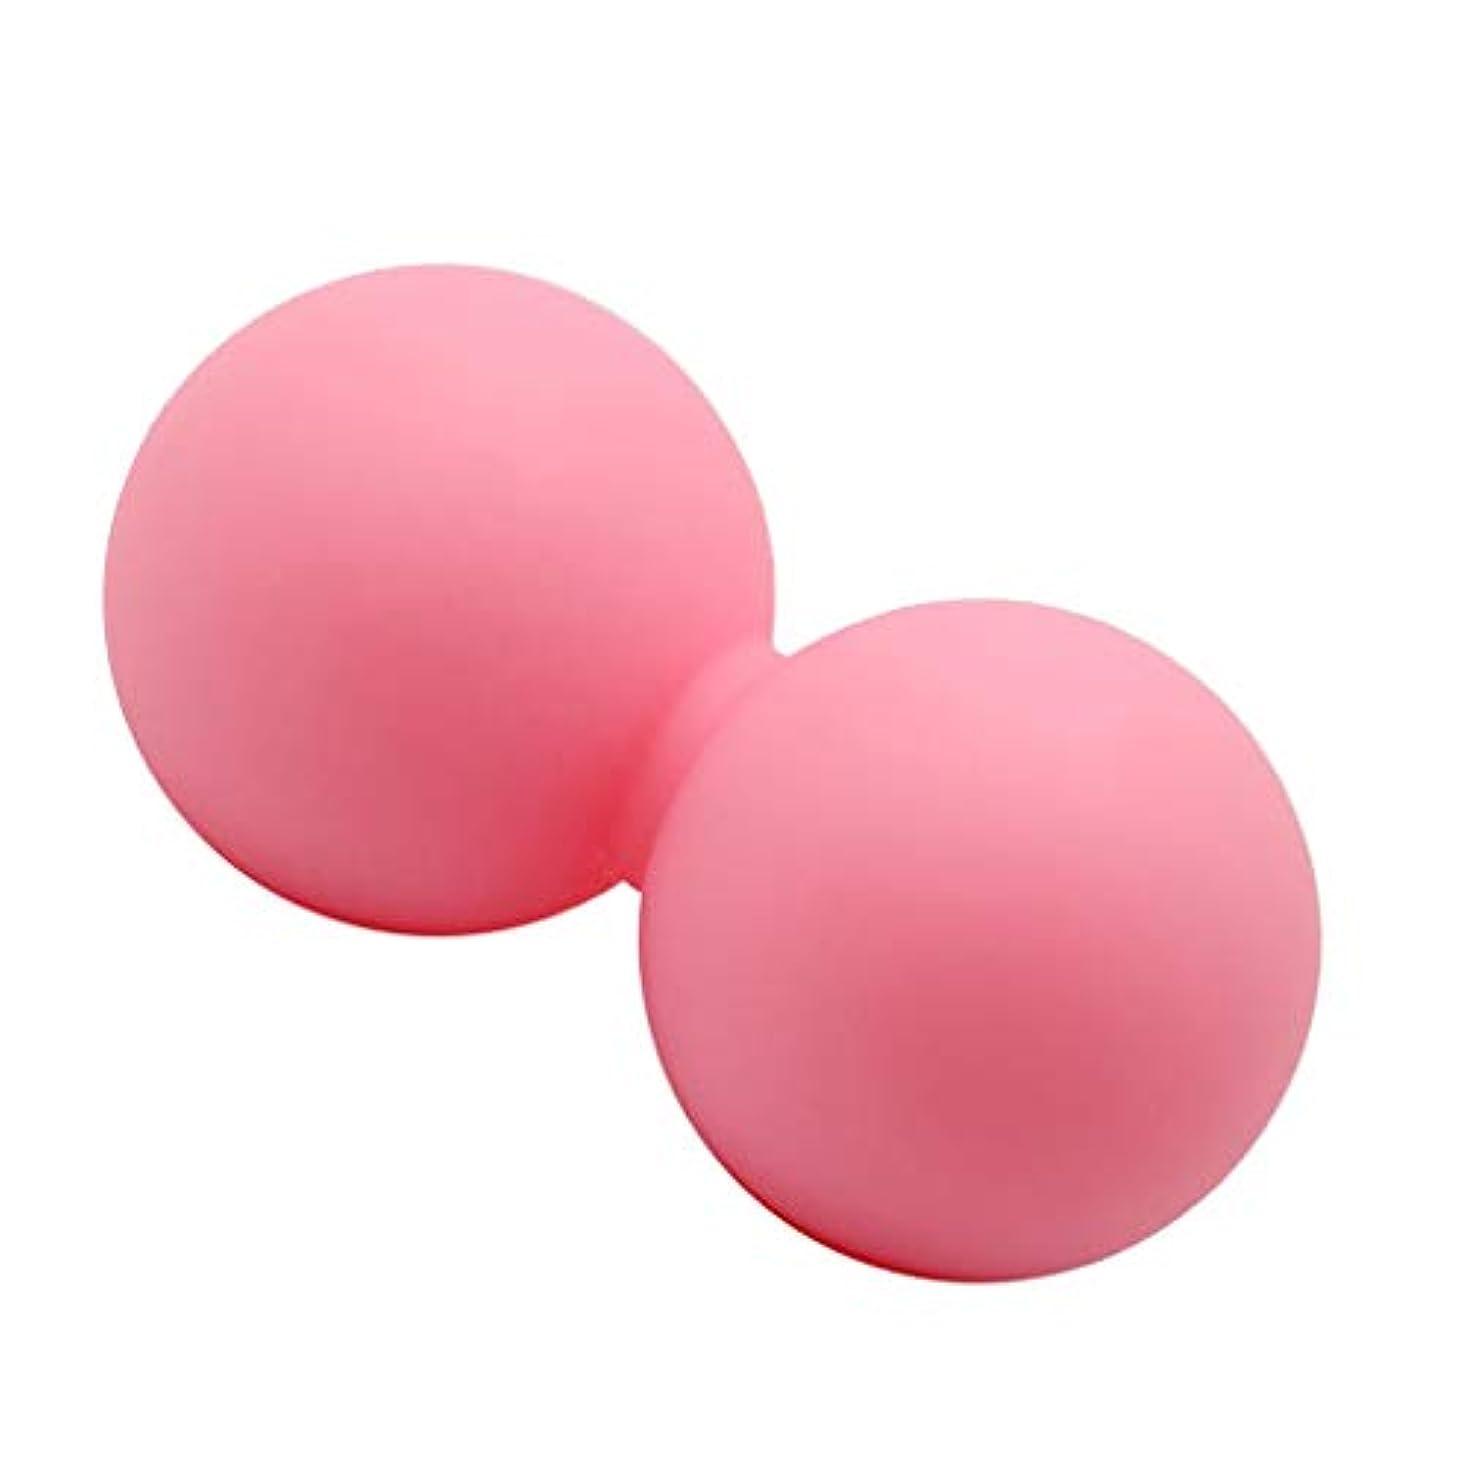 まどろみのある満足蒸し器マッサージ ヨガボール ピーナッツ形 痛み緩和 ピンク